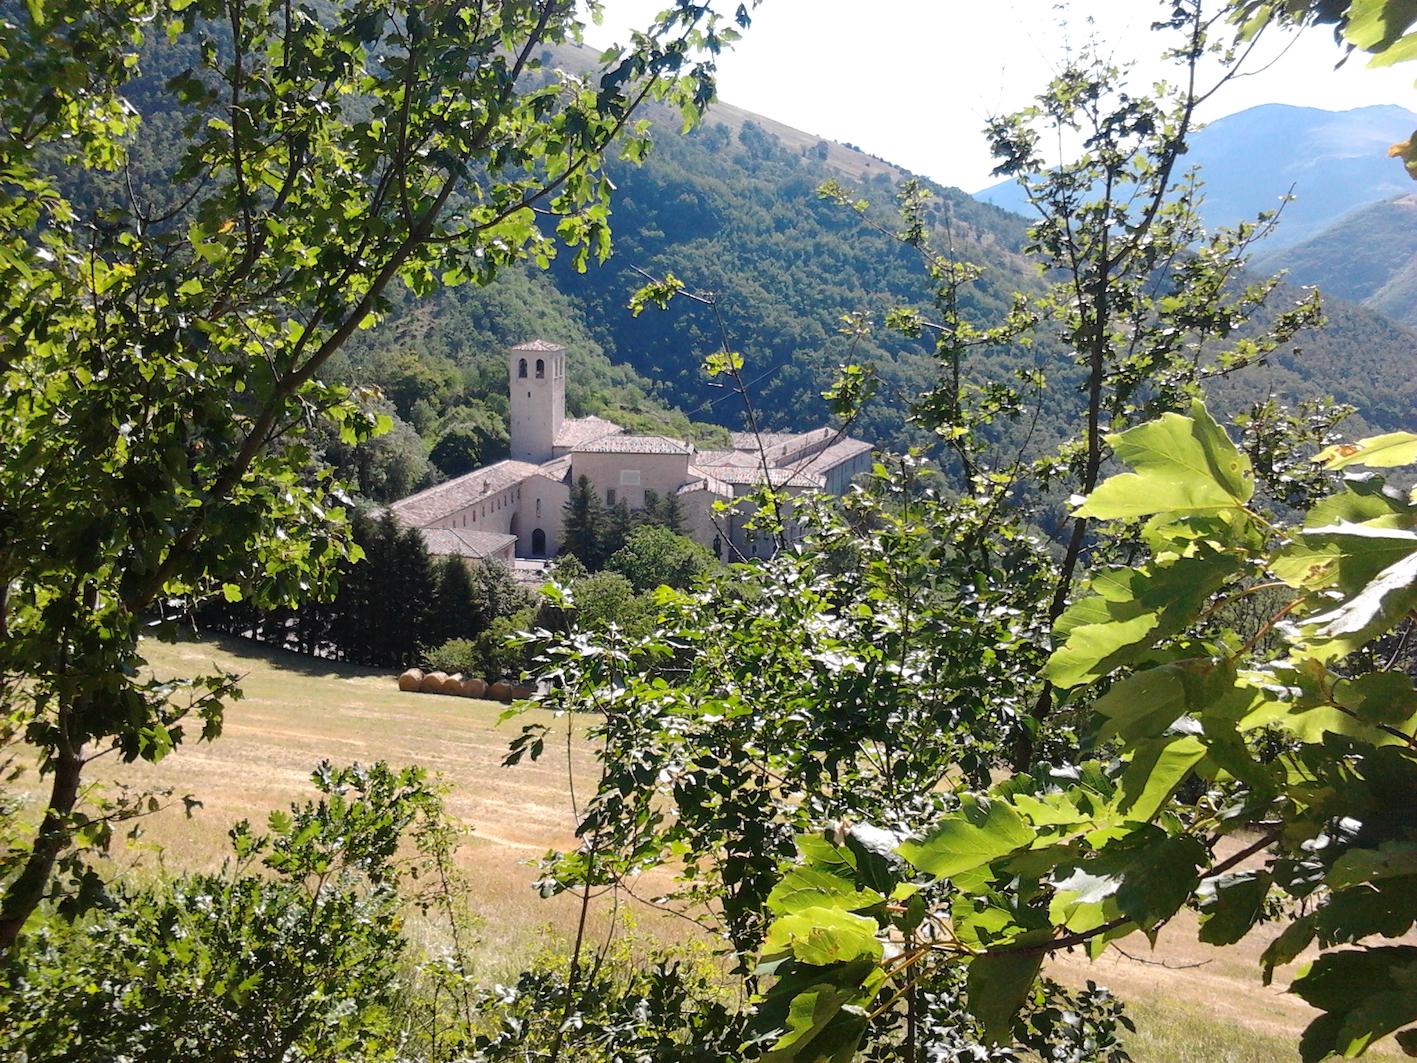 1-3 luglio 2016 – kermesse fariana Fonte Avellana